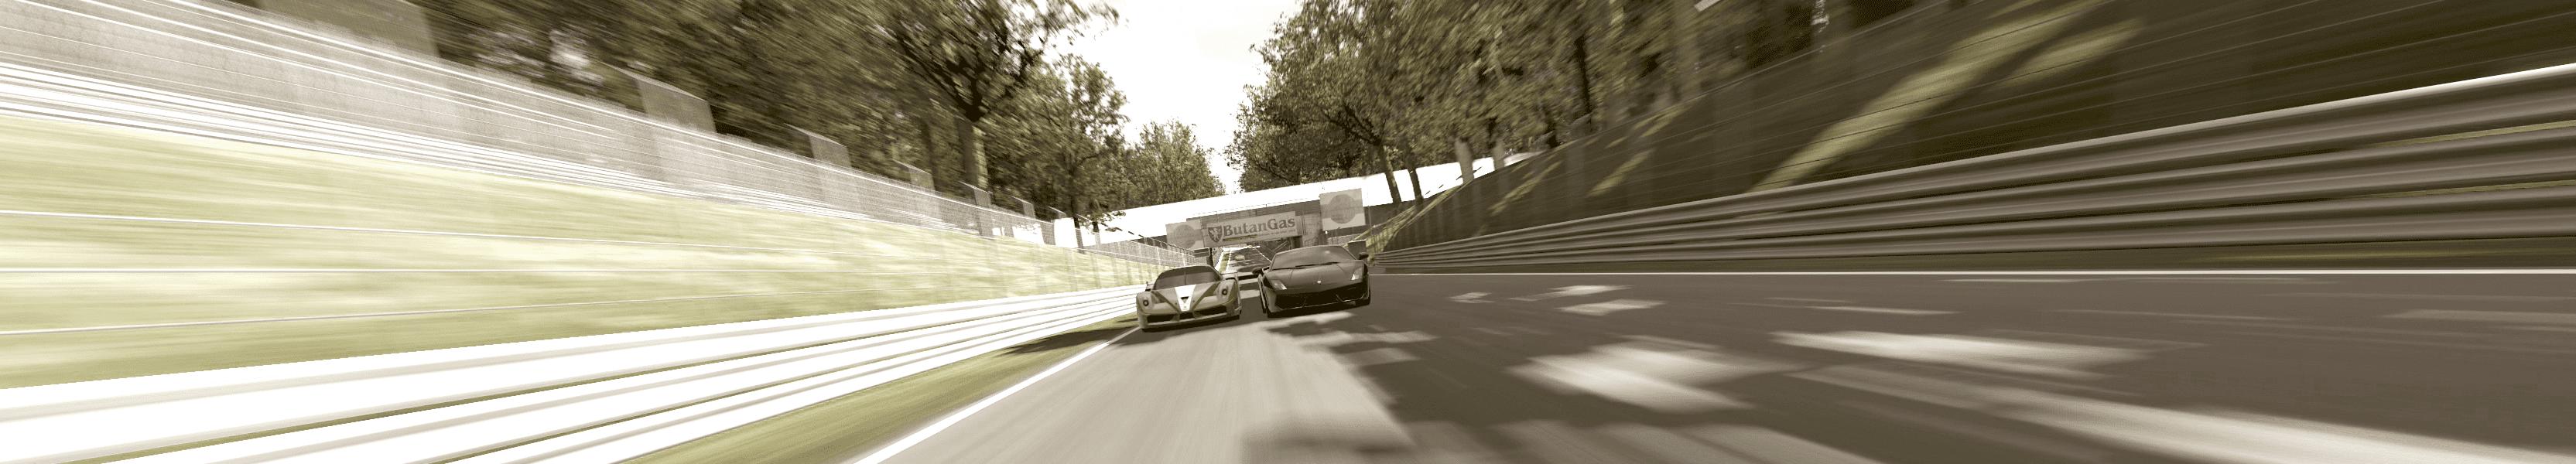 Autodromo Nazionale Monza_15Edit_2.png